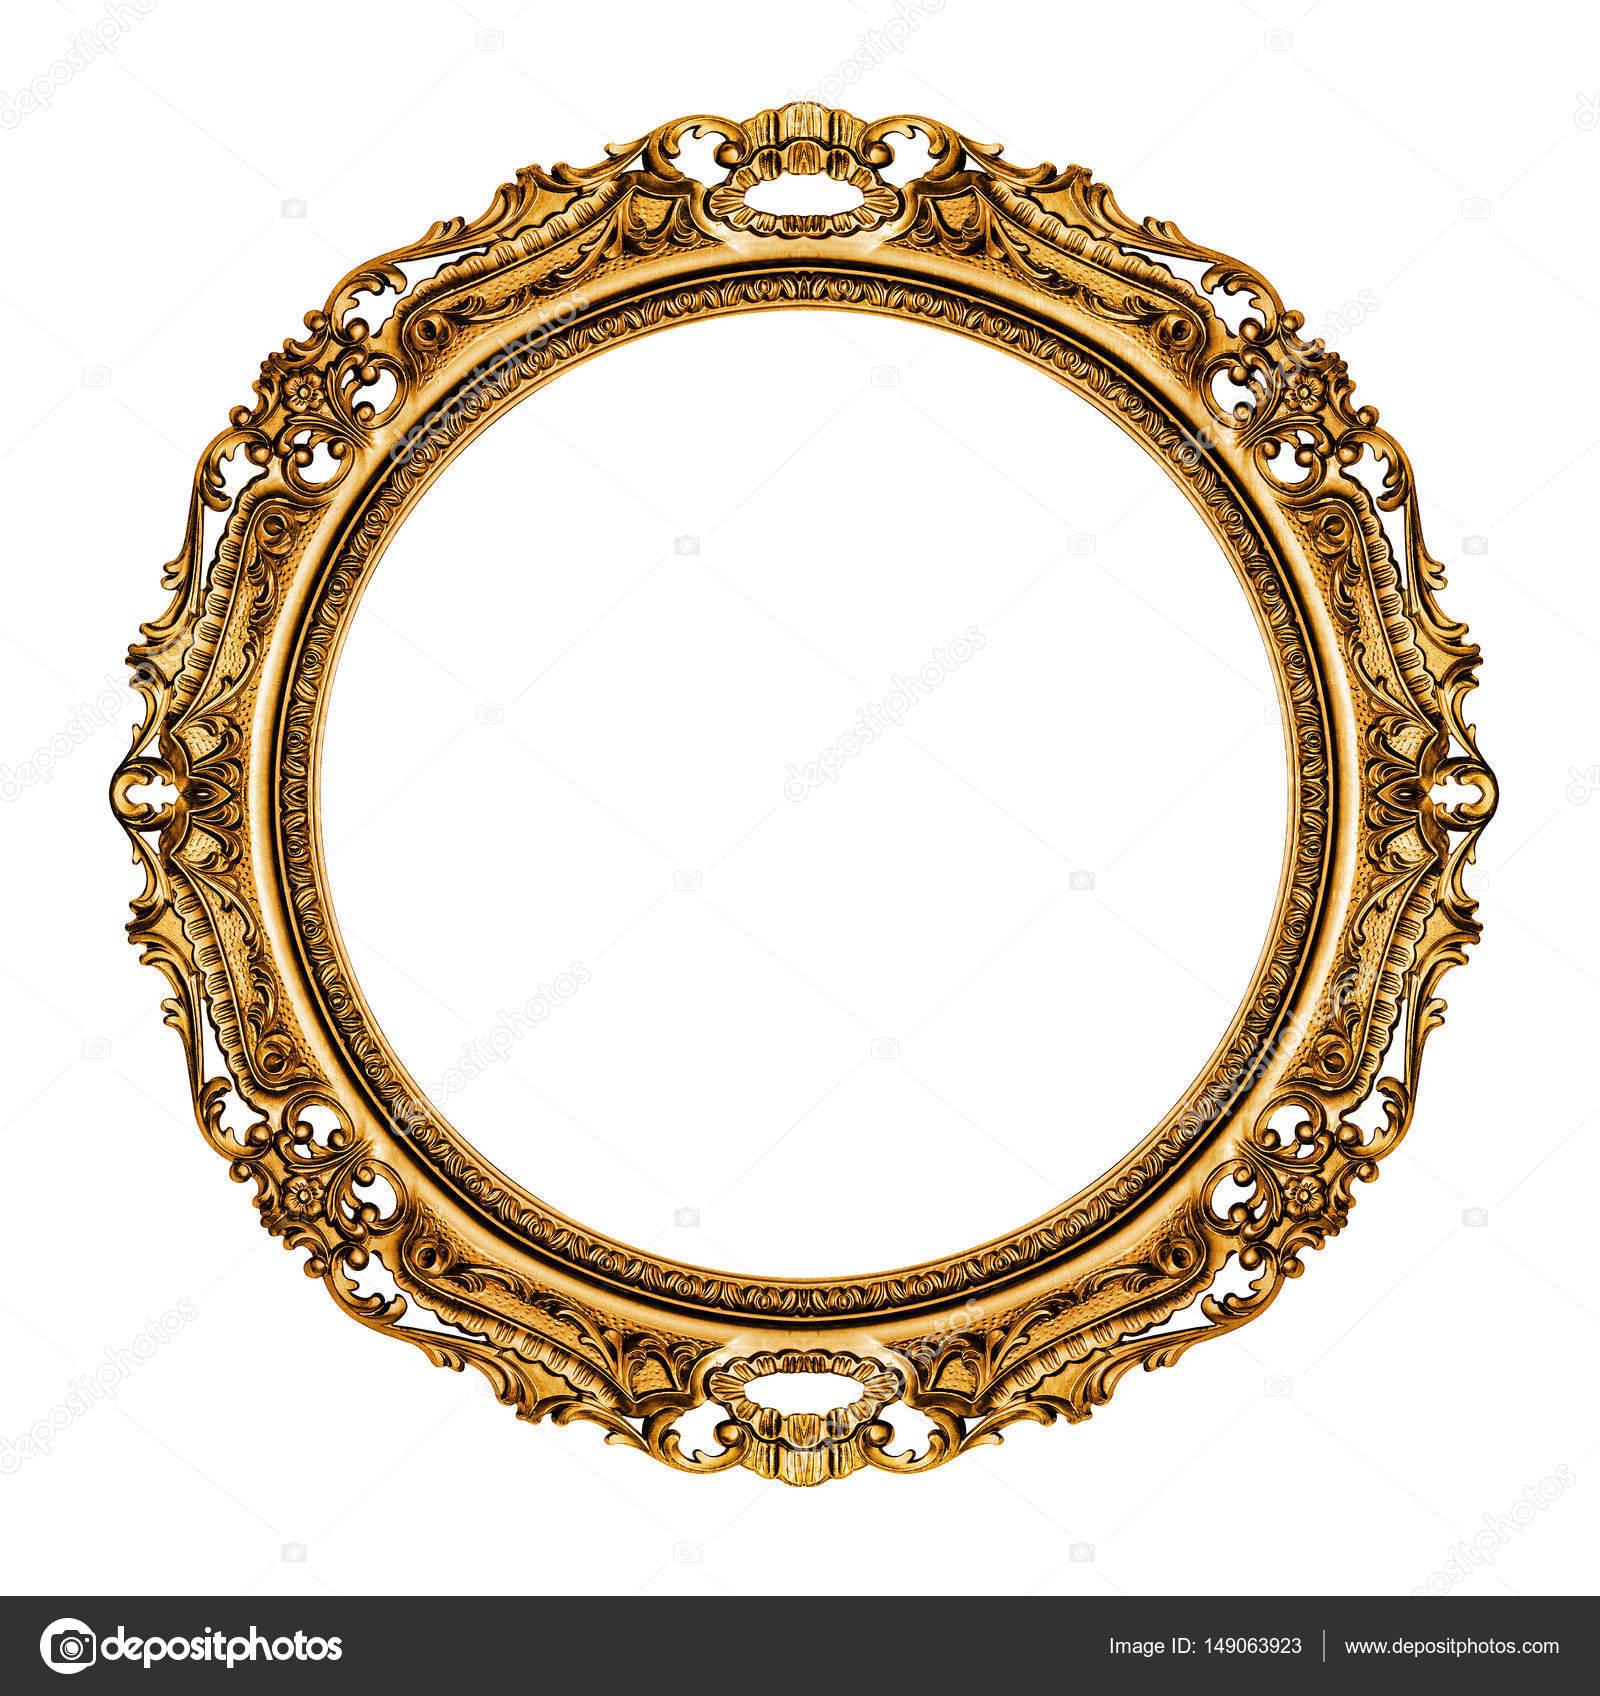 marco dorado vintage — Foto de stock © wabeno #149063923